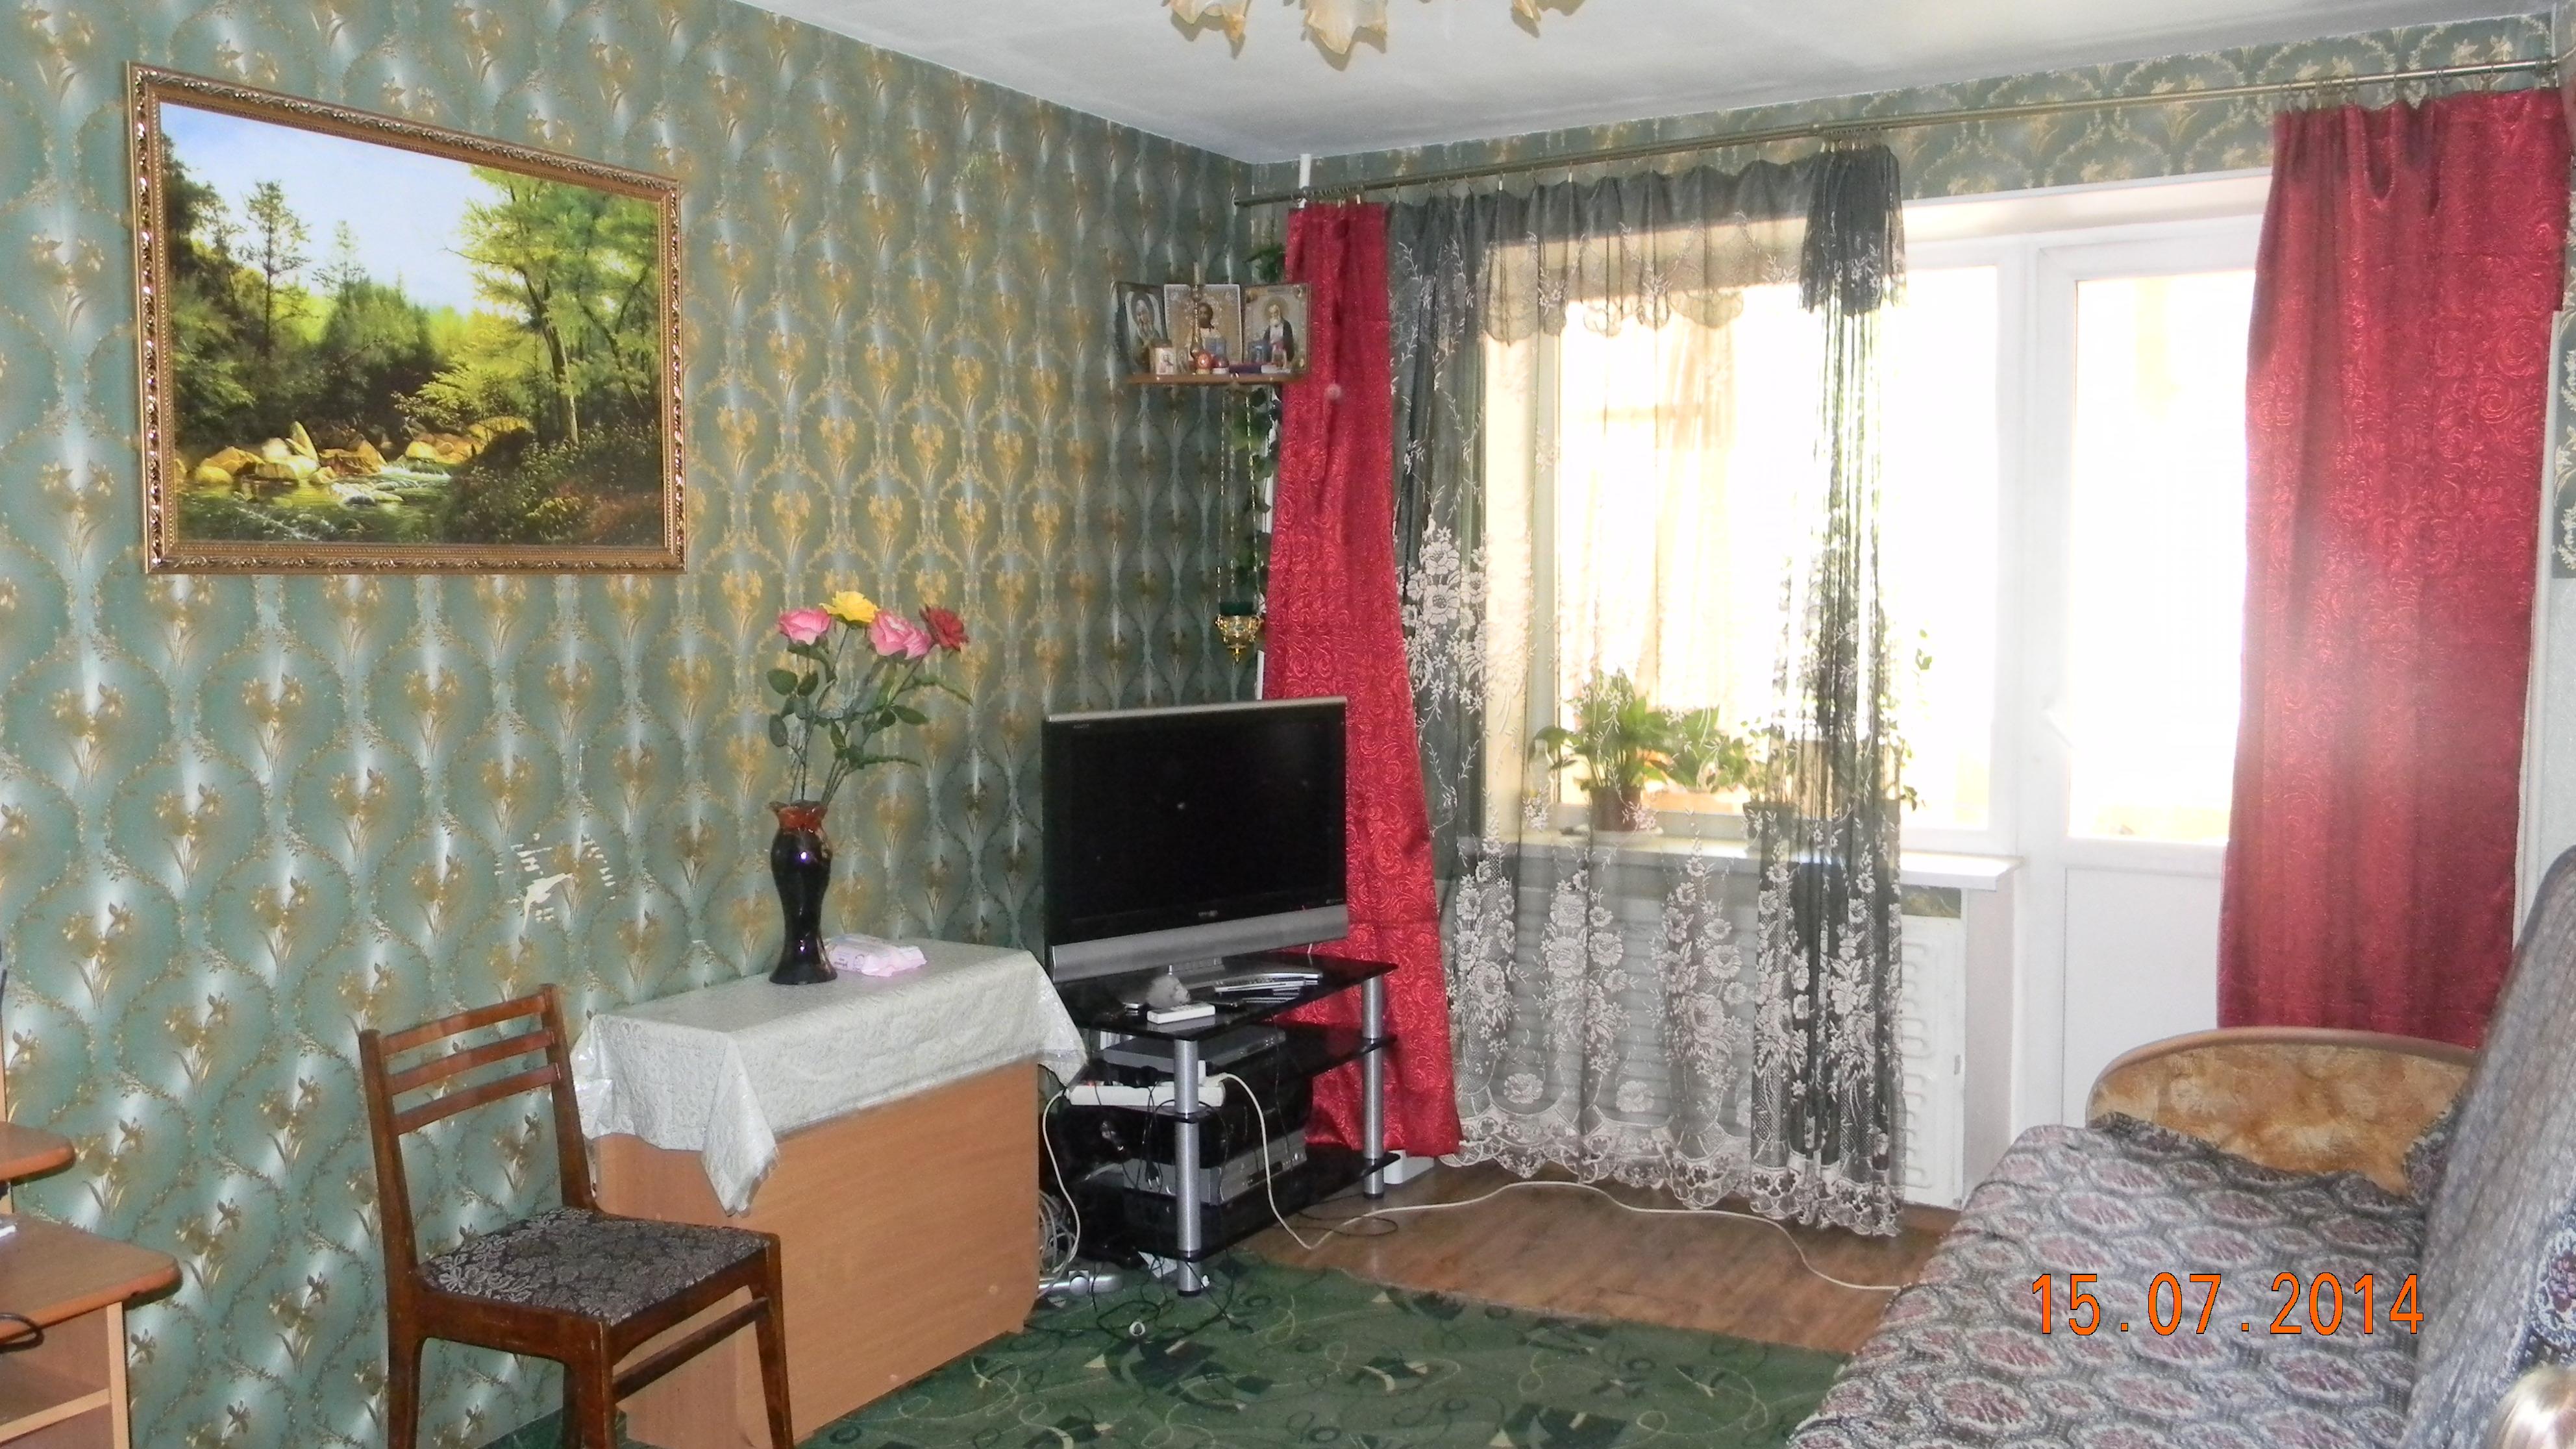 Продам квартиру в Сипайлово,Гагарина,32